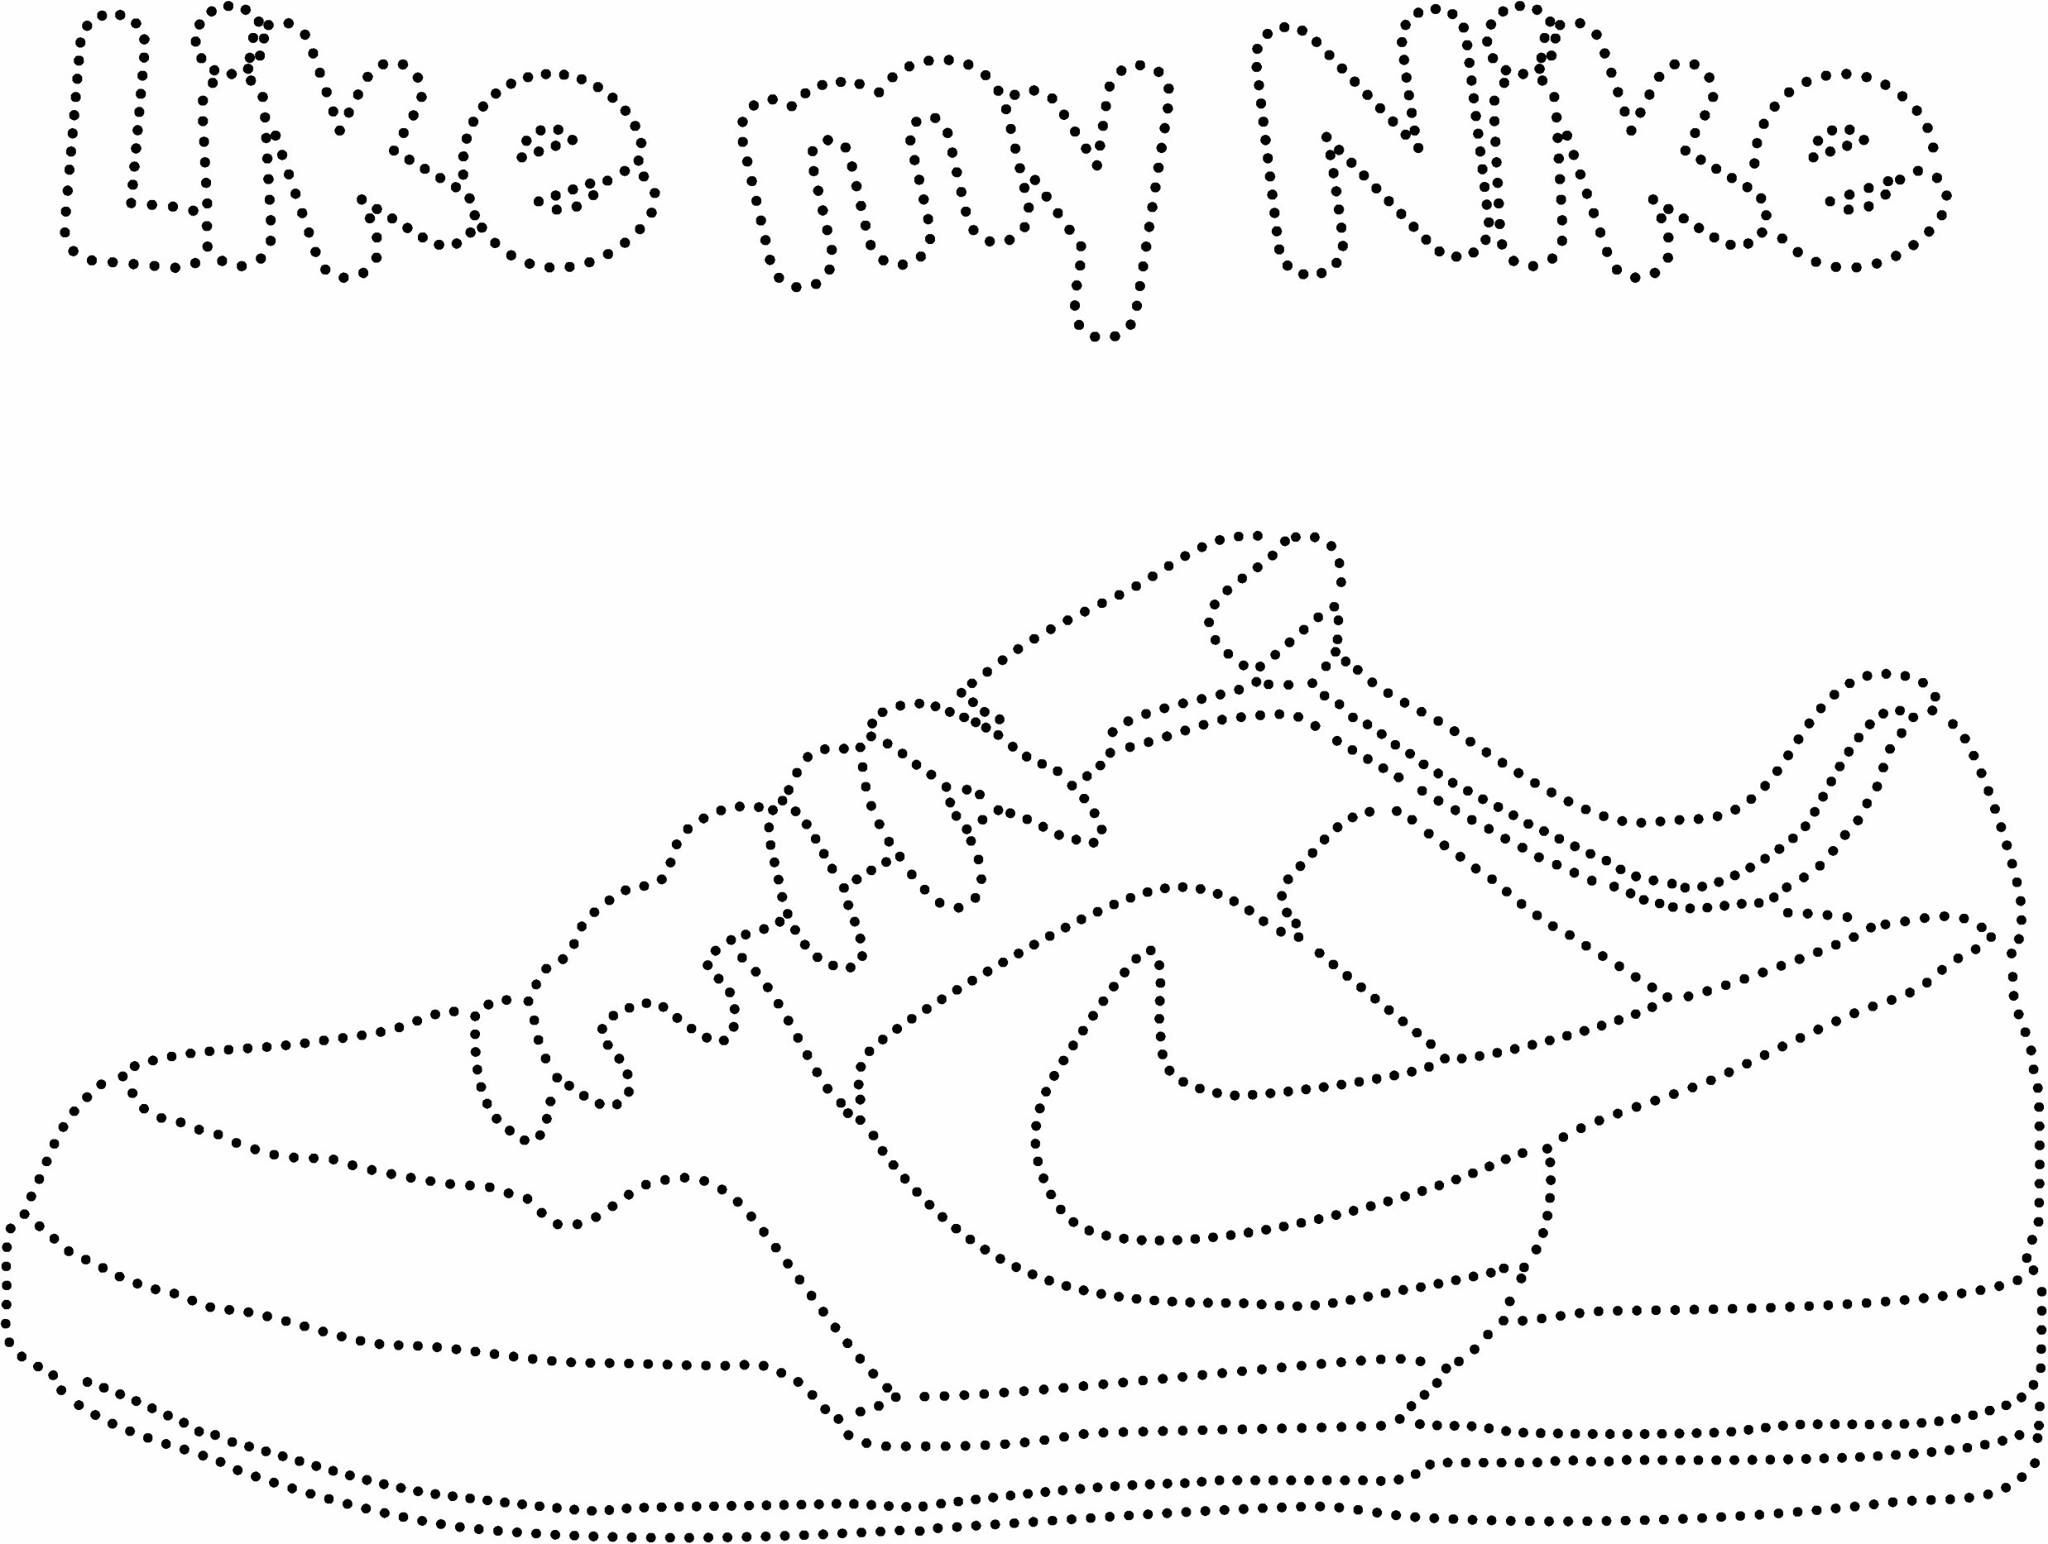 Nike Schoen Borduren Op Papier Borduren Op Kaarten Borduurpatronen